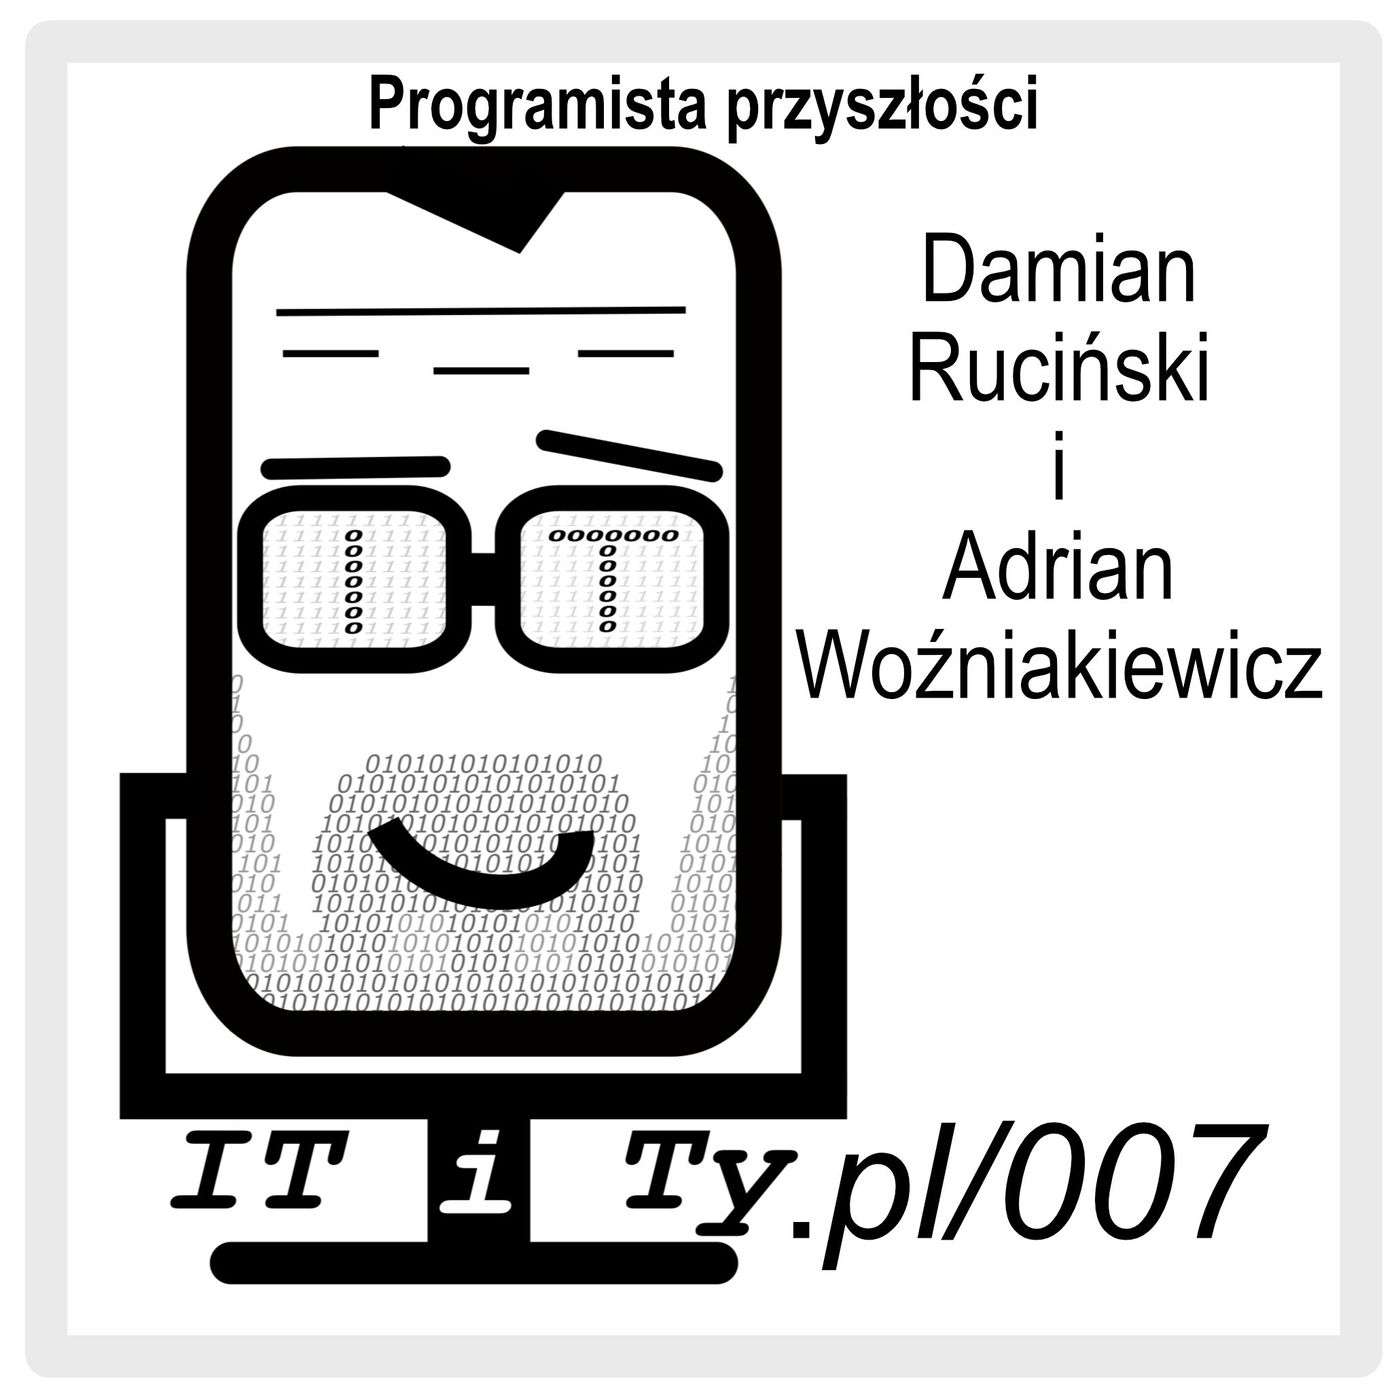 ITiTy#007 Programista przyszłości - Adrian Woźniakiewicz